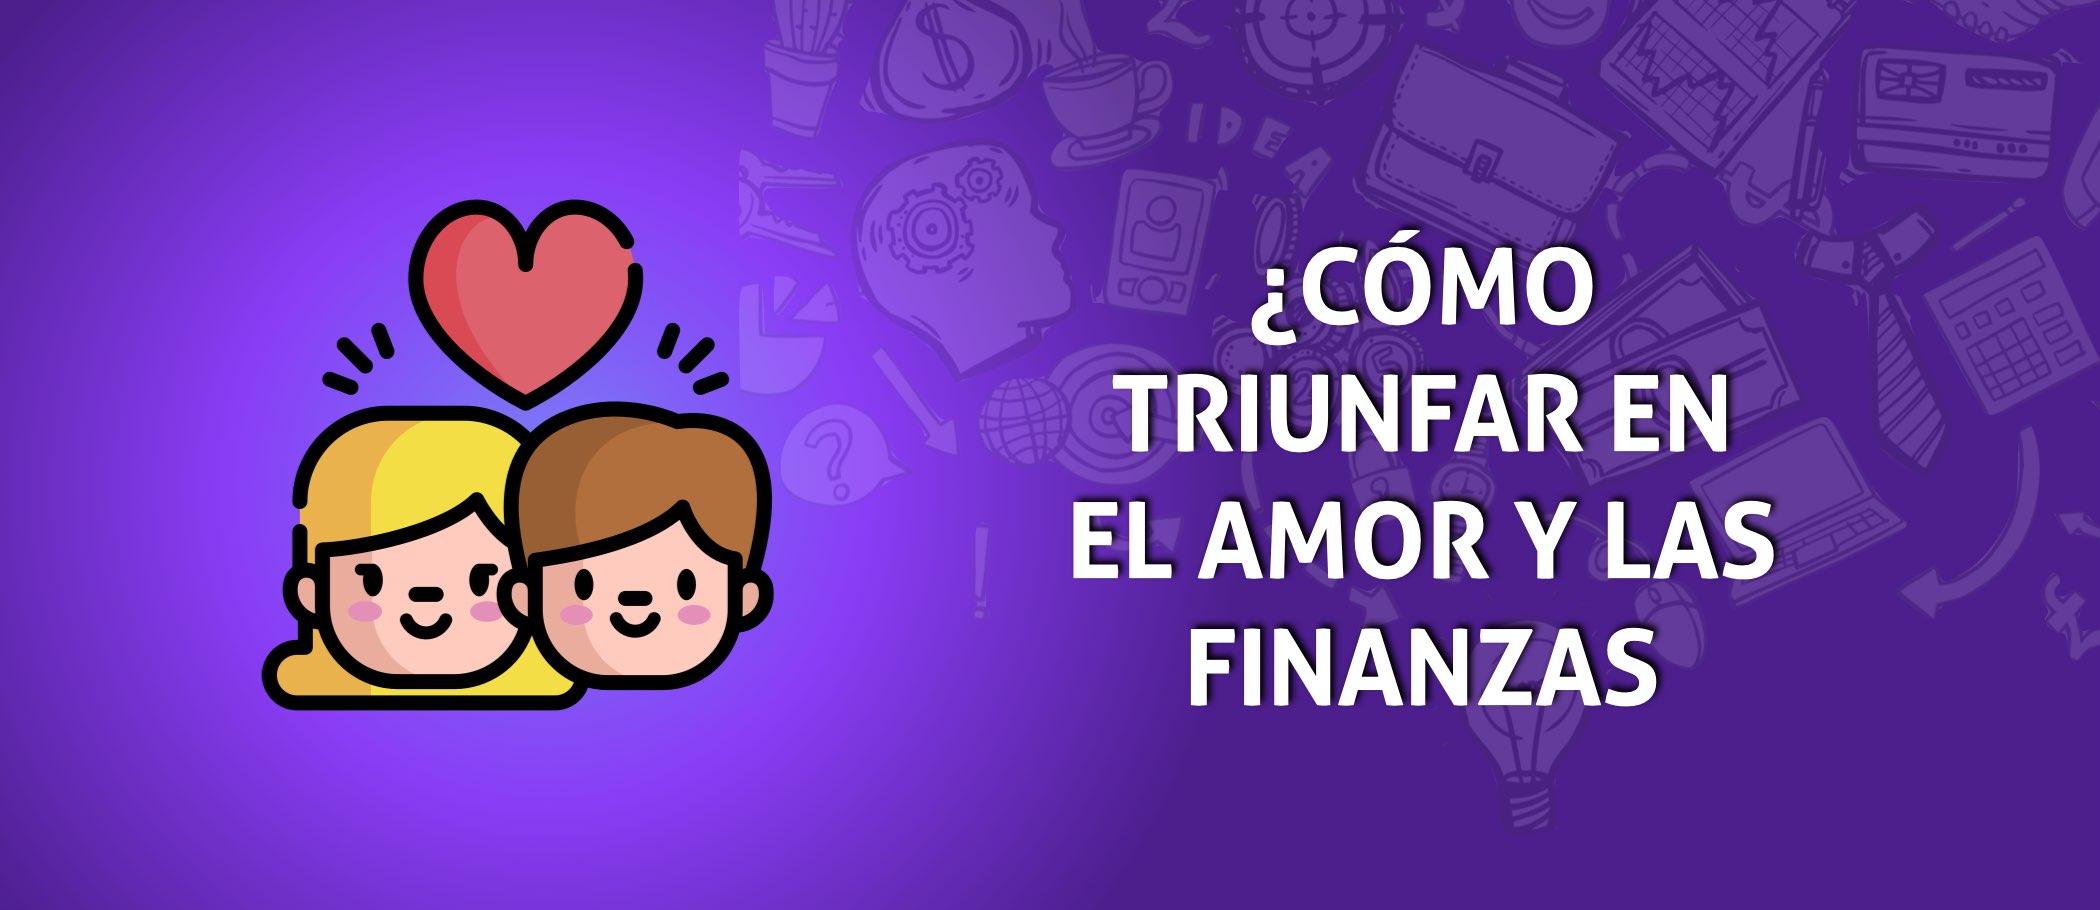 Cómo triunfar en el amor y las finanzas